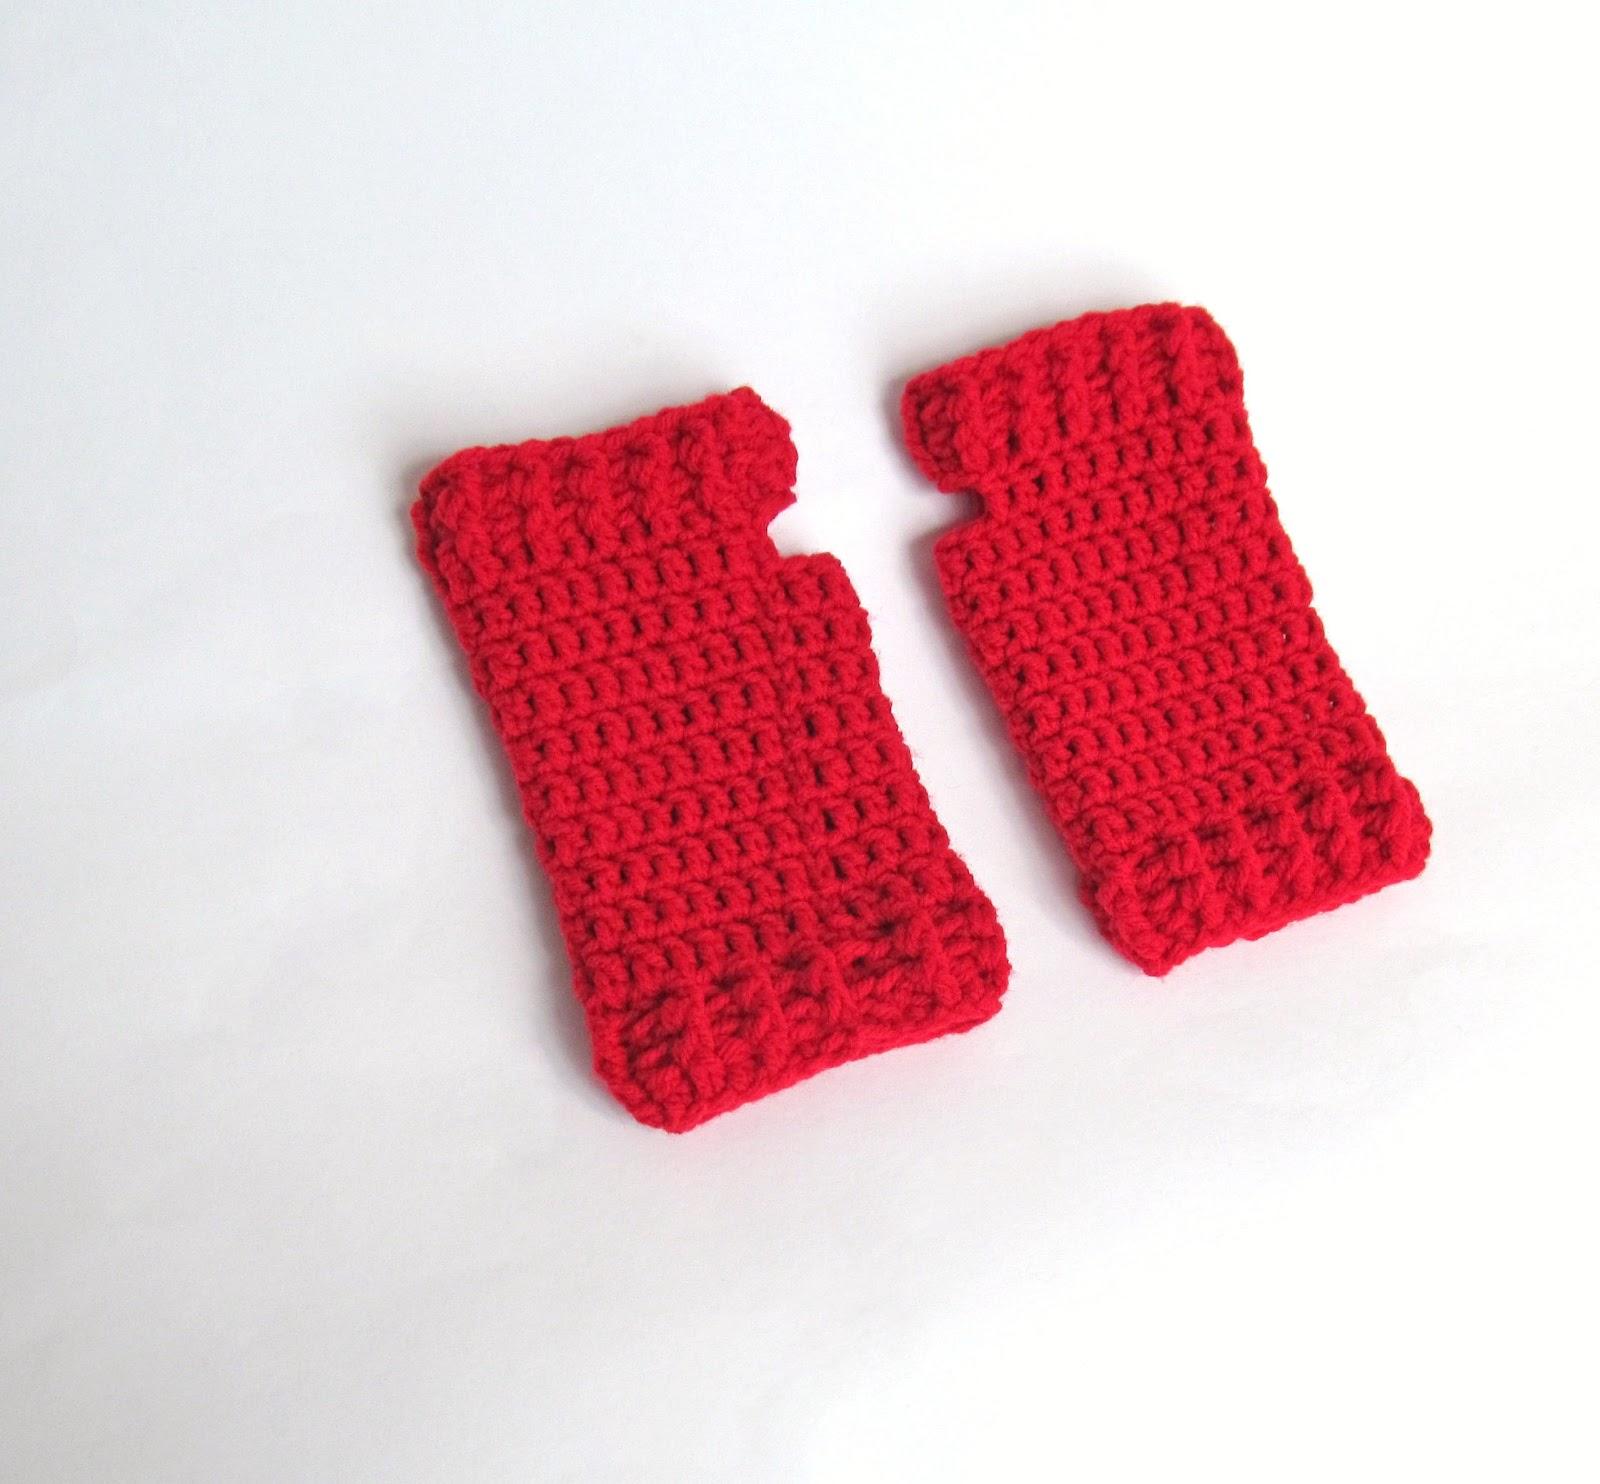 Fingerless gloves crochet pattern for beginners - Fingerless Gloves Crochet Pattern For Beginners 49